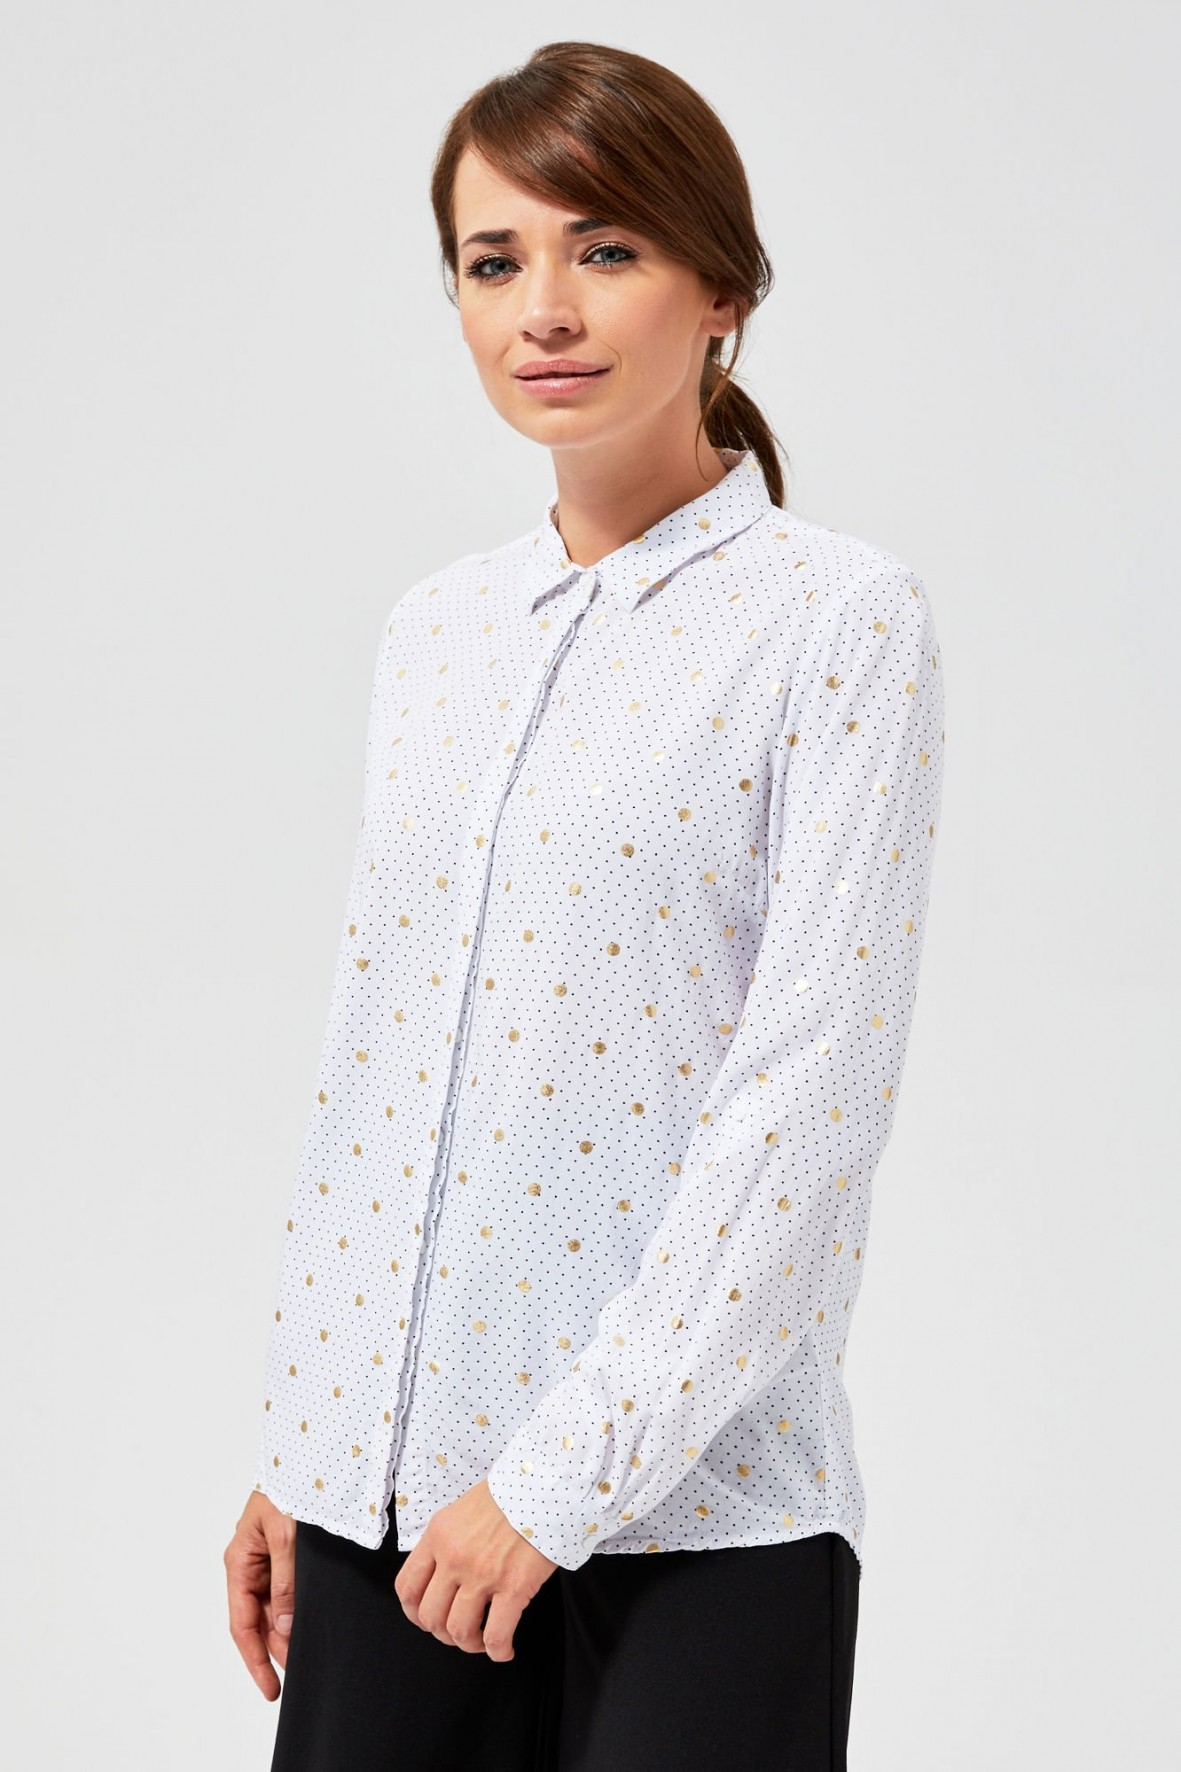 Biała koszula damska w złote kropki